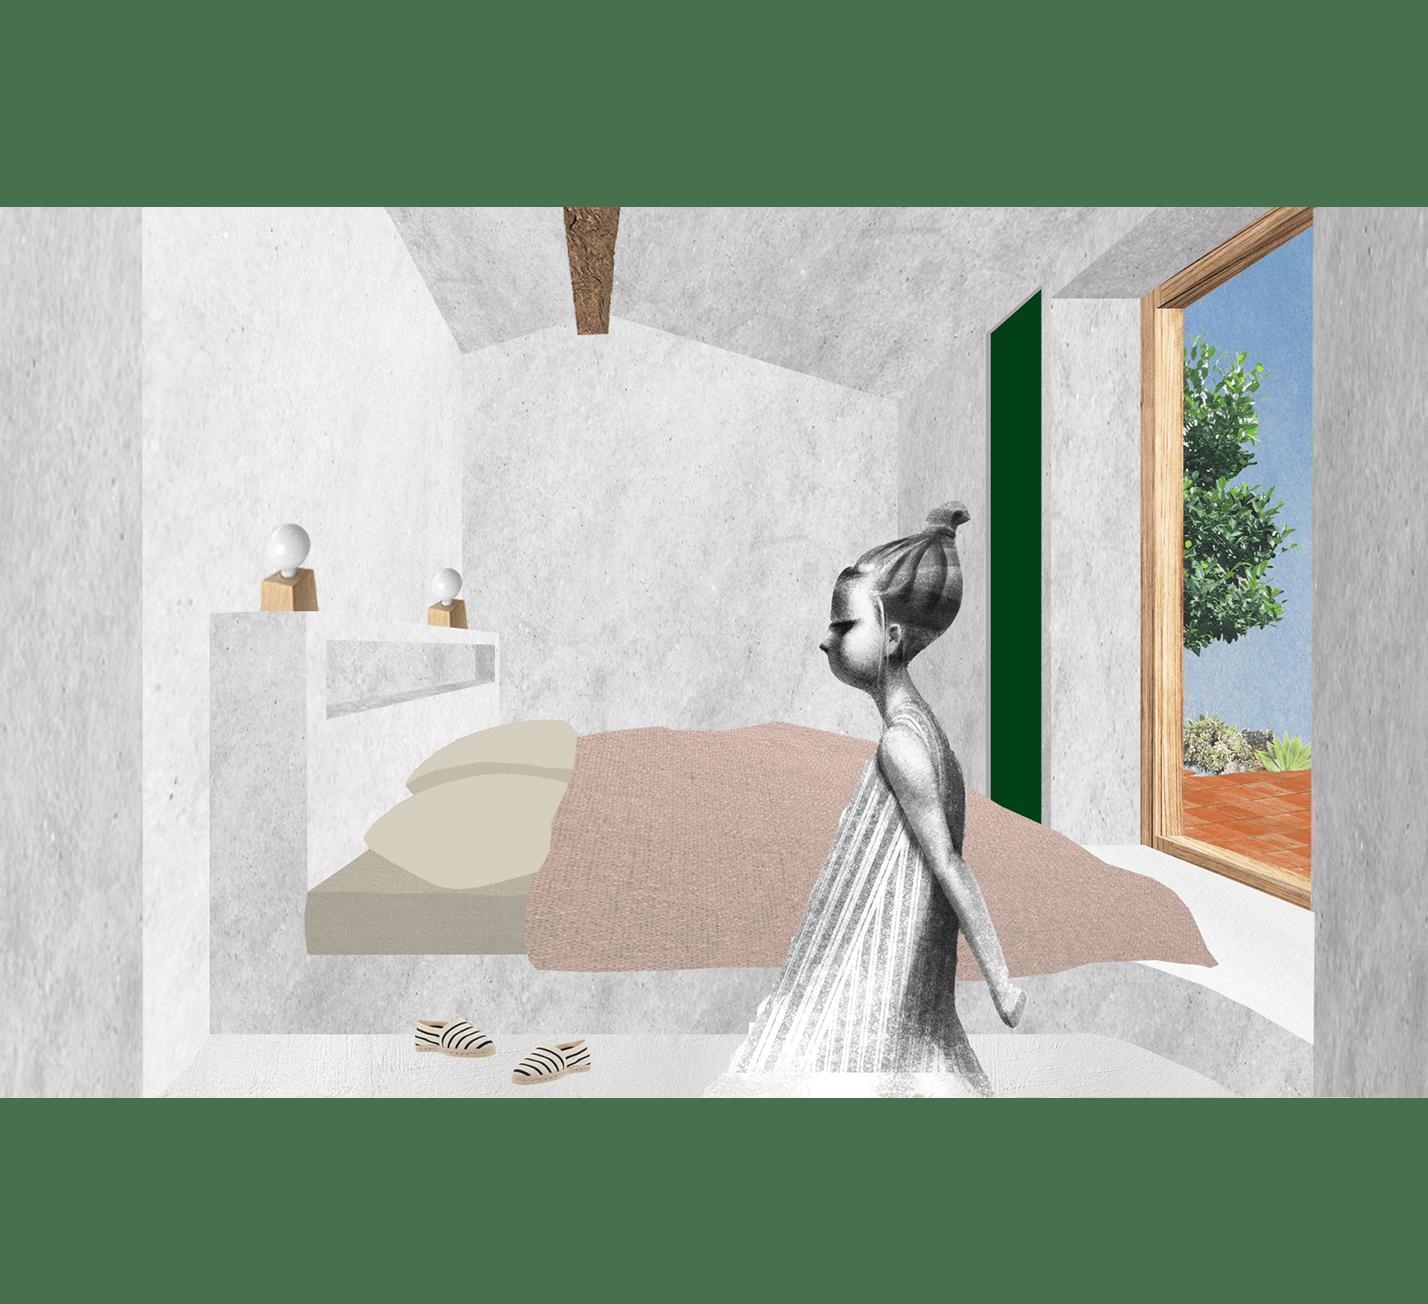 Projet-Bergeries-Atelier-Steve-Pauline-Borgia-Architecte-interieur-Collage-chambre-min